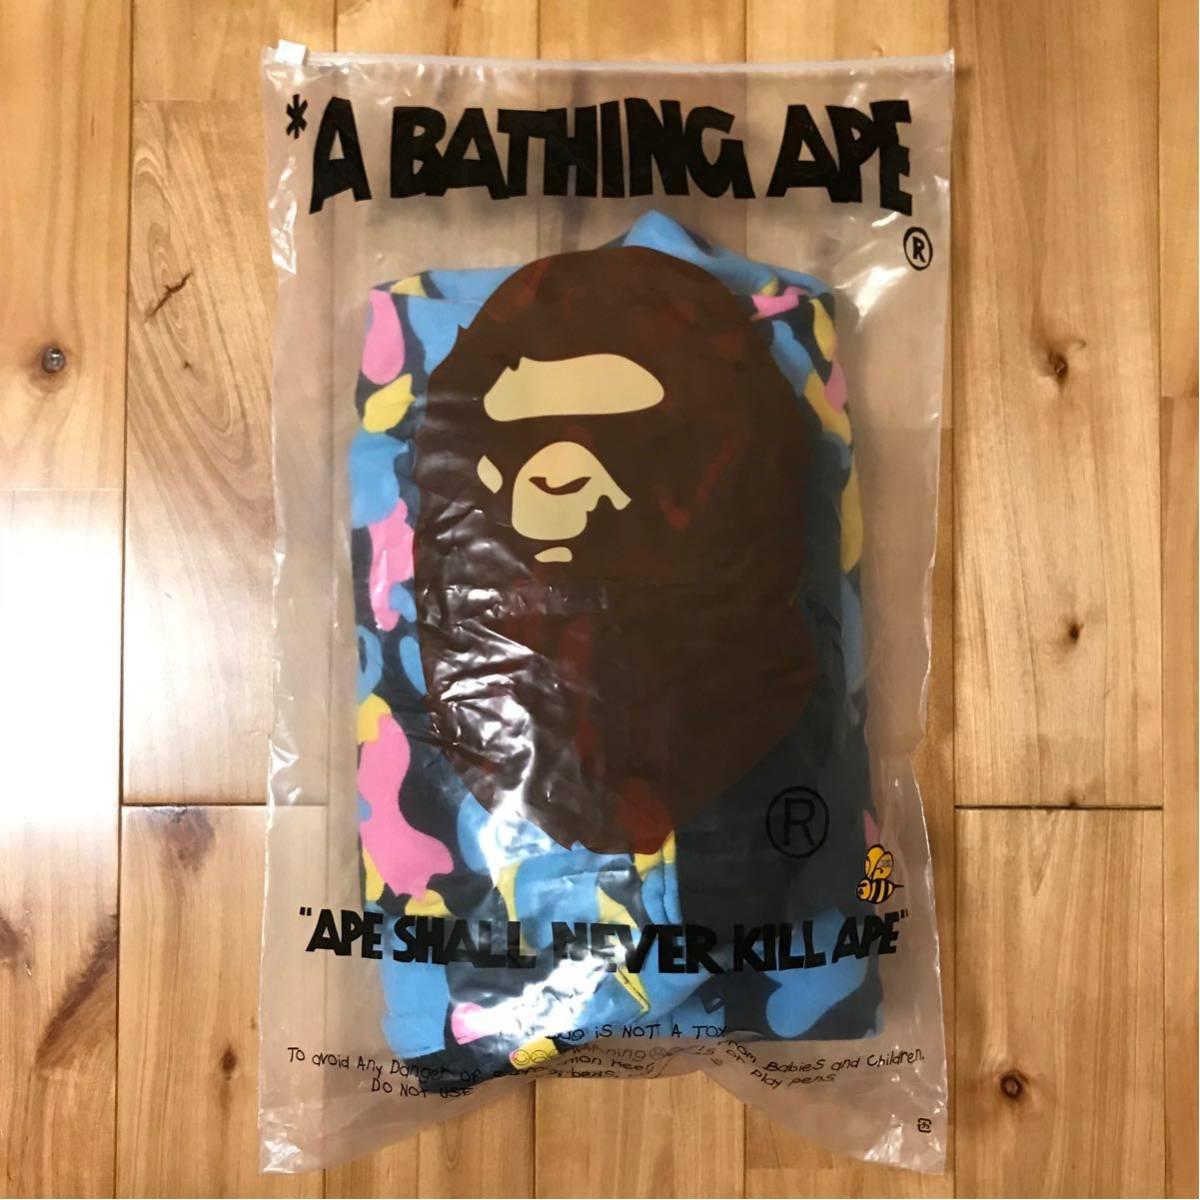 ★美品★ マルチカモ スウェット ハーフパンツ Mサイズ a bathing ape BAPE shorts pants candy camo multi エイプ ベイプ 迷彩 ショーツ